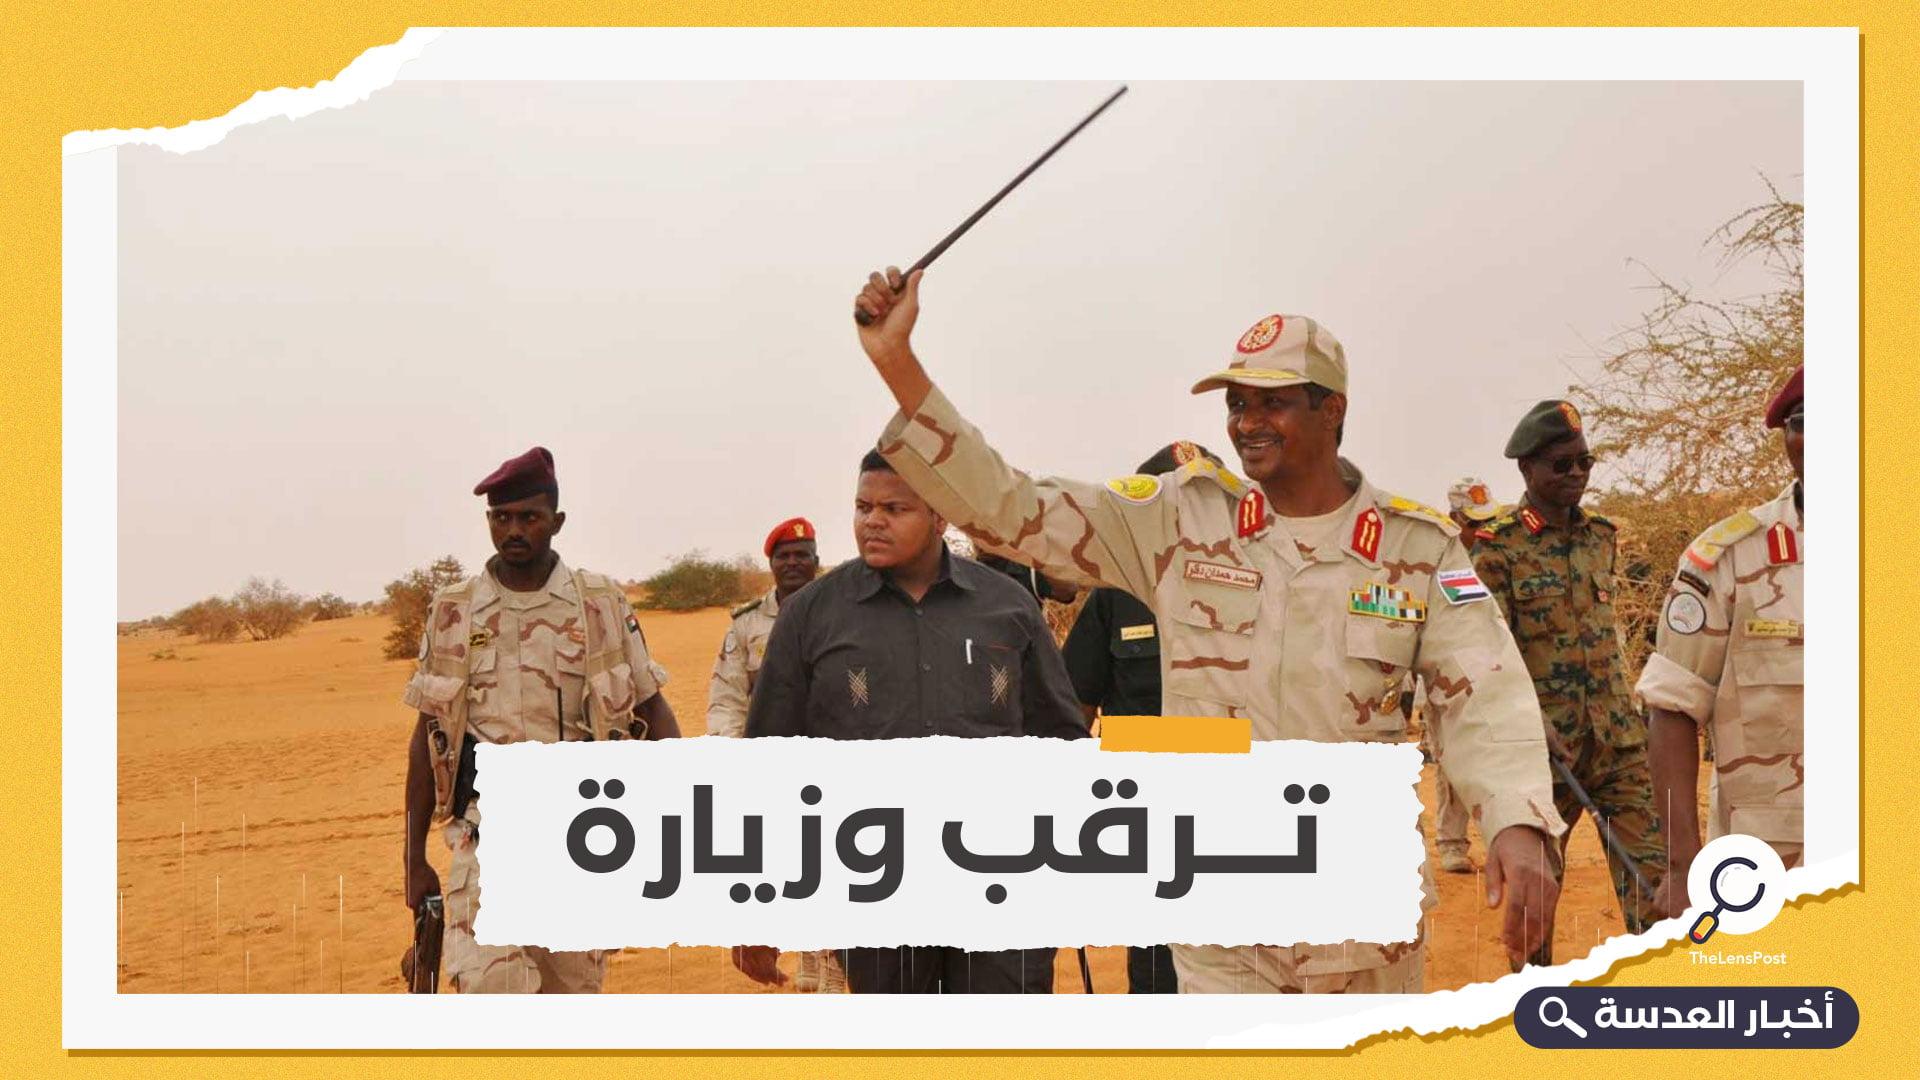 رئيس هيئة أركان الجيش السوداني يزور حدود بلاده مع إثيوبيا.. وحميدتي في قطر